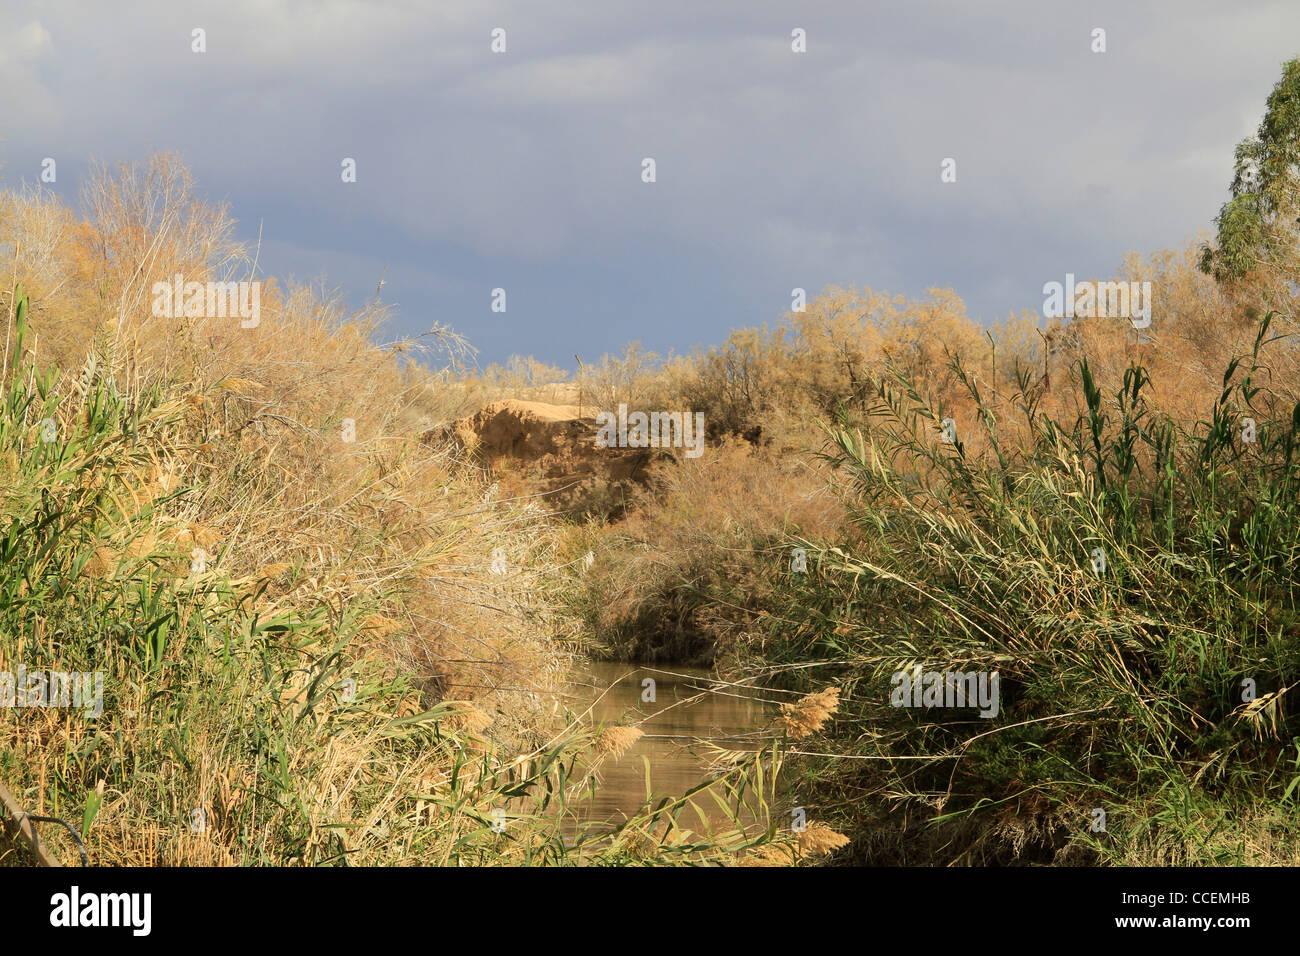 Jordan Valley, the Jordan River at Qasr al Yahud - Stock Image